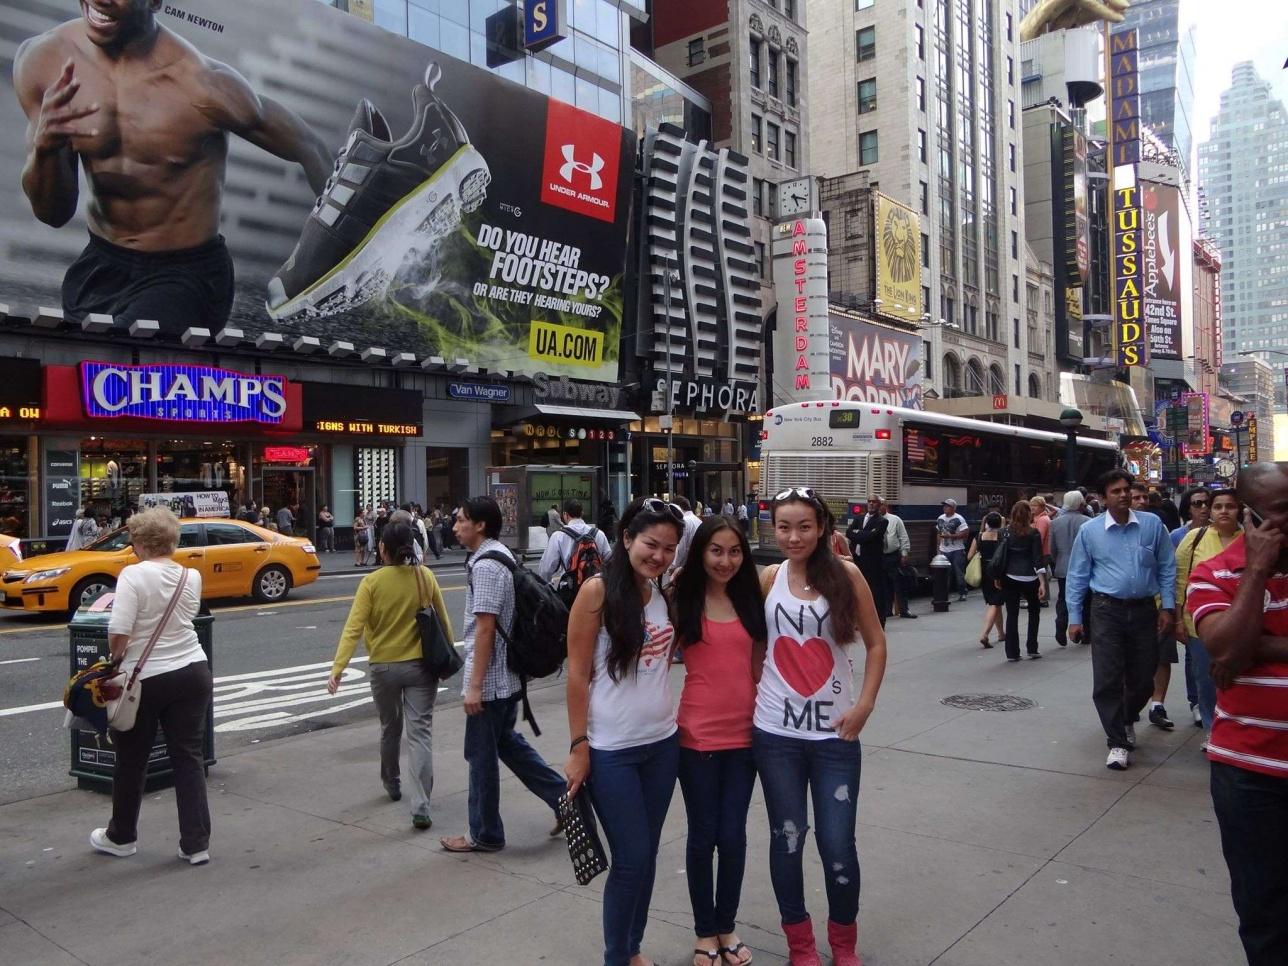 Қазақстандық студент қыздар жұмыстан бос уақытта Нью-Йоркте қыдырып жүр